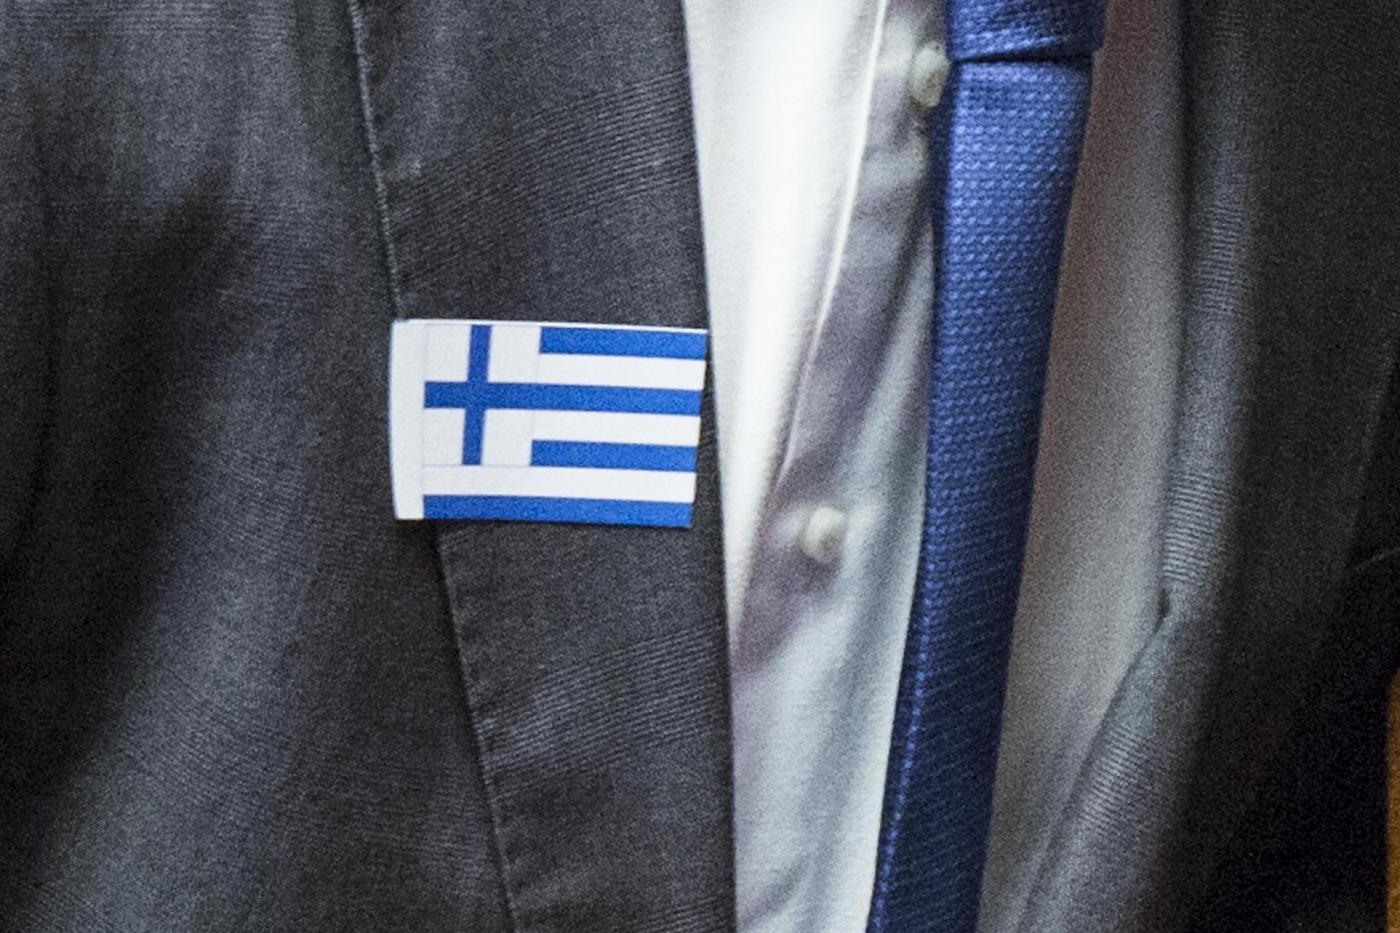 Crisi in Grecia: una tassa sul lusso per le 500 famiglie più ricche